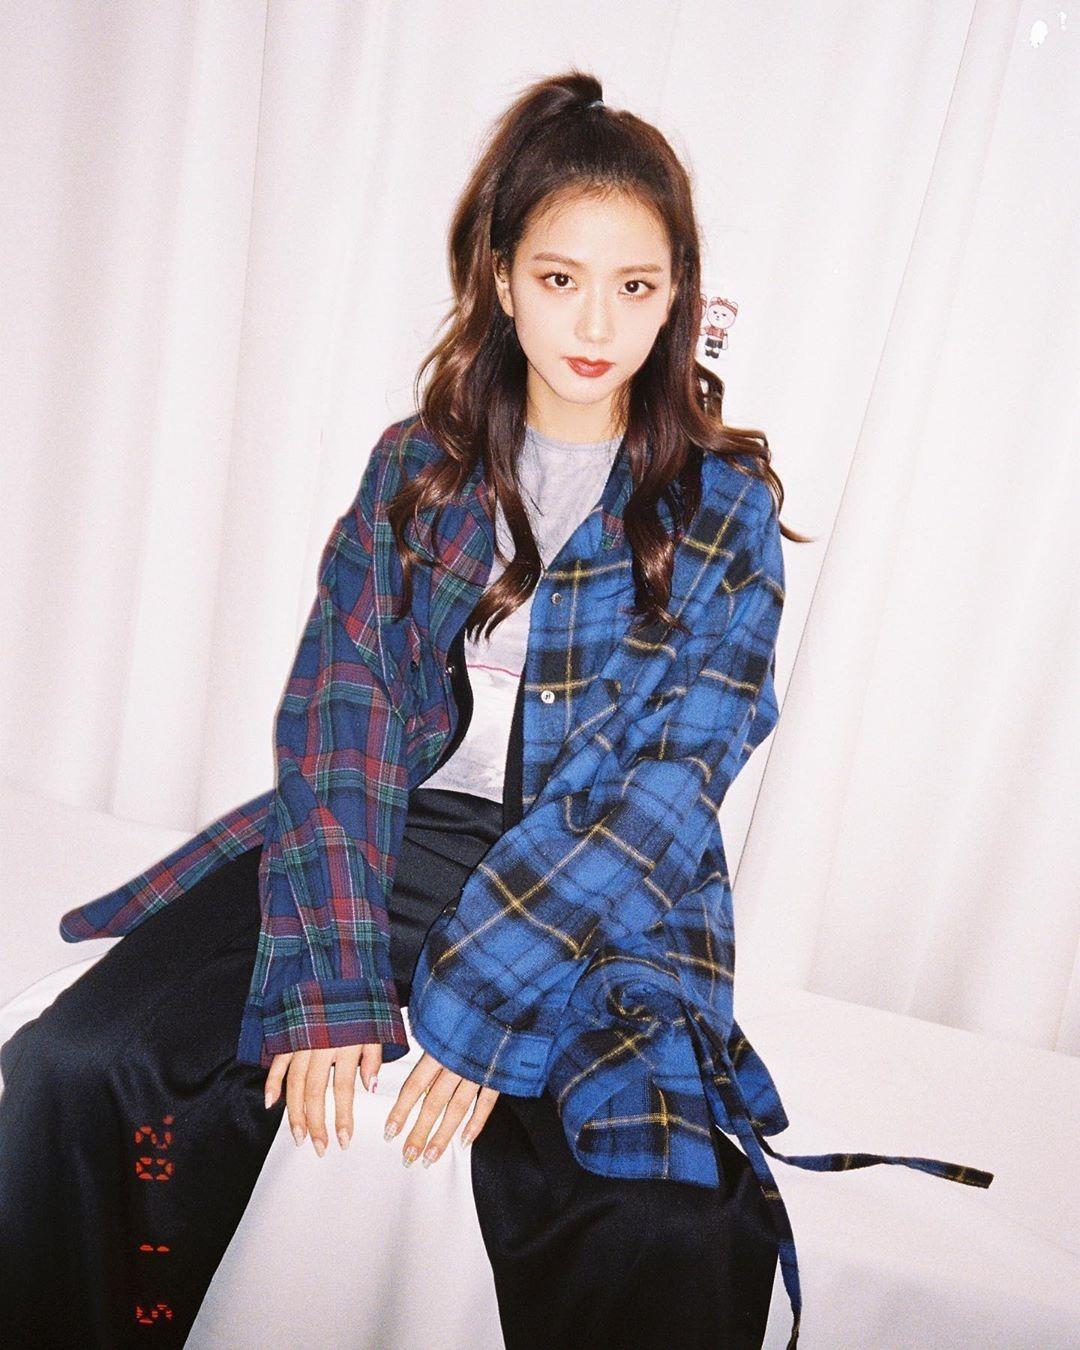 Họa tiết caro trẻ trung, không quá cứng cáp mà cũng không yểu điệu, phù hợp với hình ảnh Ji Soo cũng như Black Pink theo đuổi.